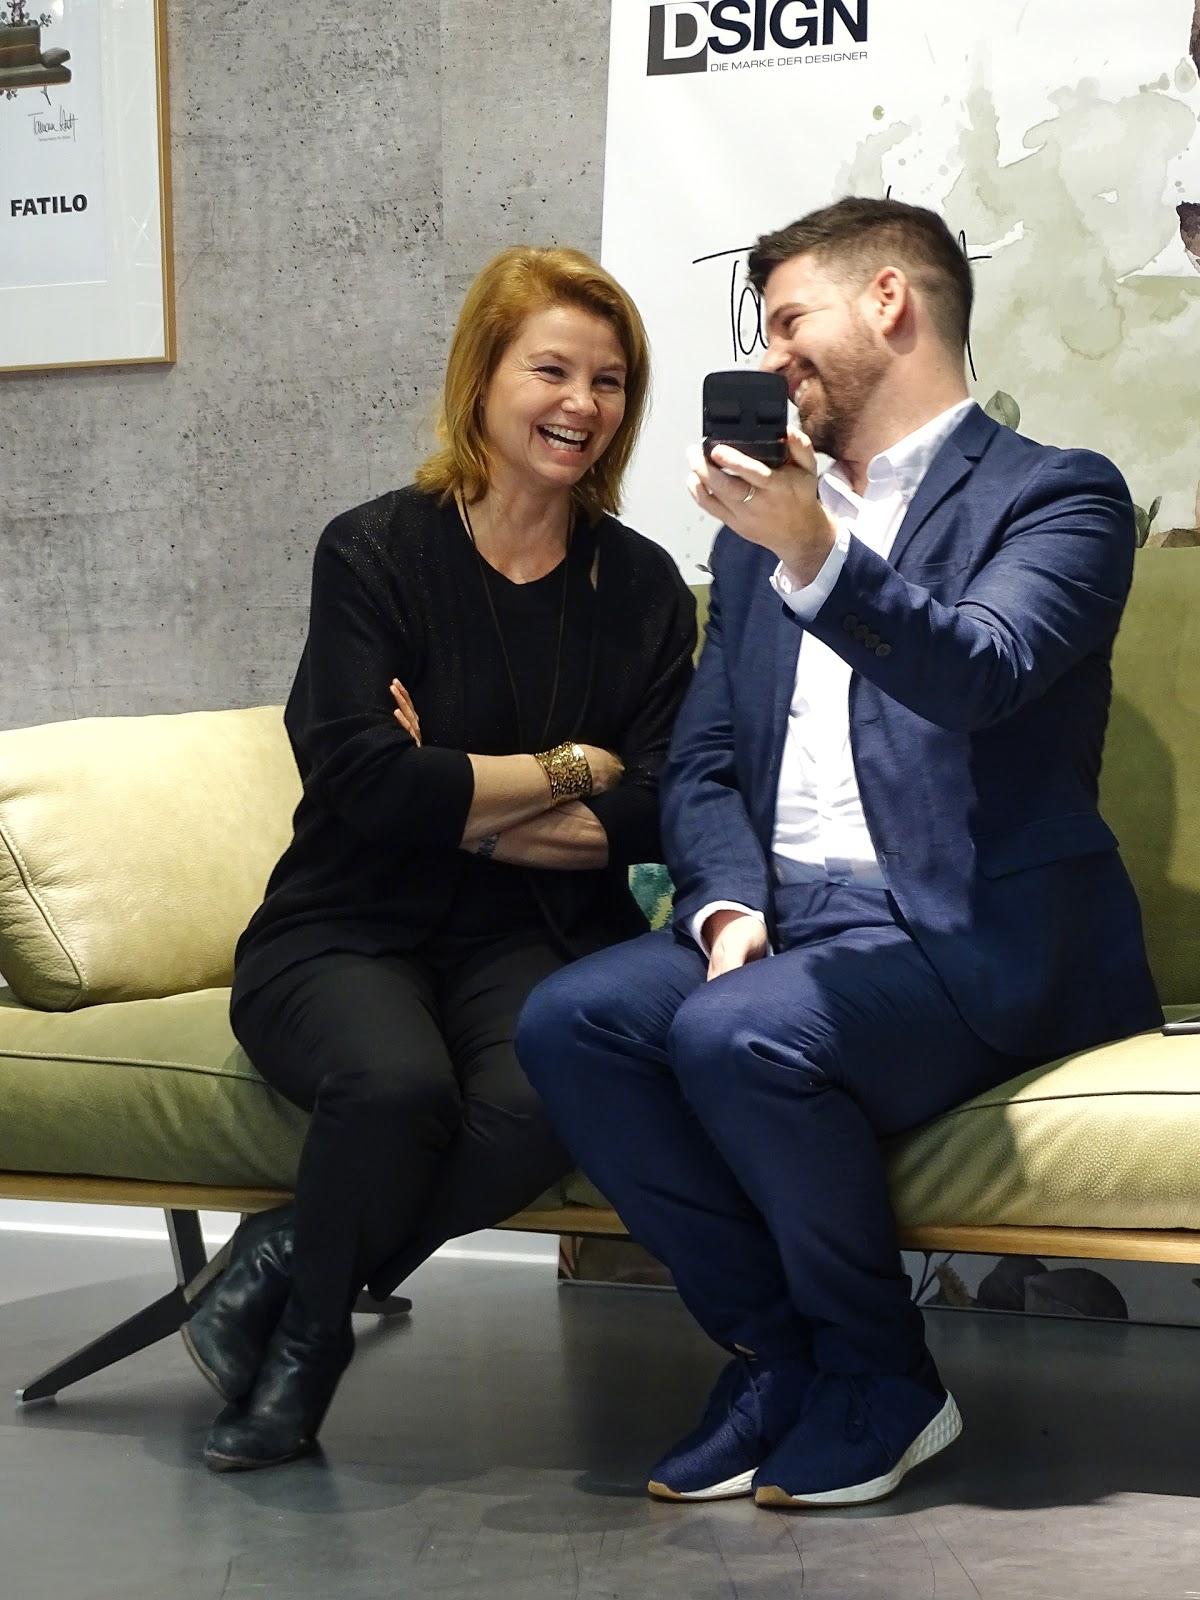 Wieso Ich Mit Annette Frier Zusammen Faxen Auf Dem Sofa Machte Das